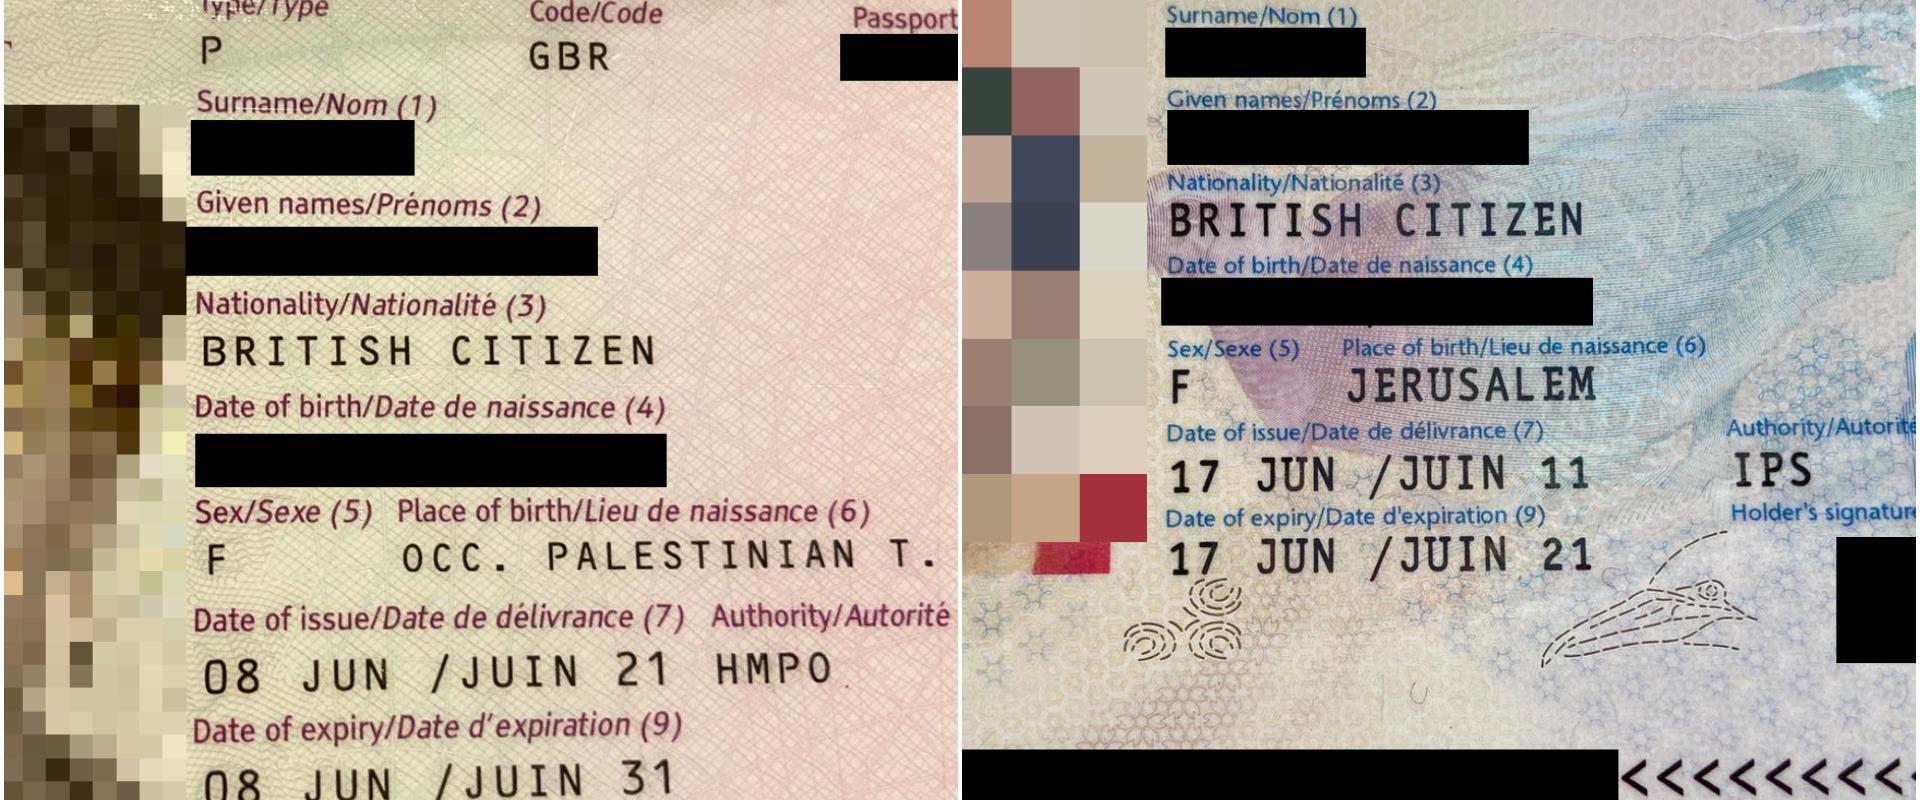 הדרכון של בלבן